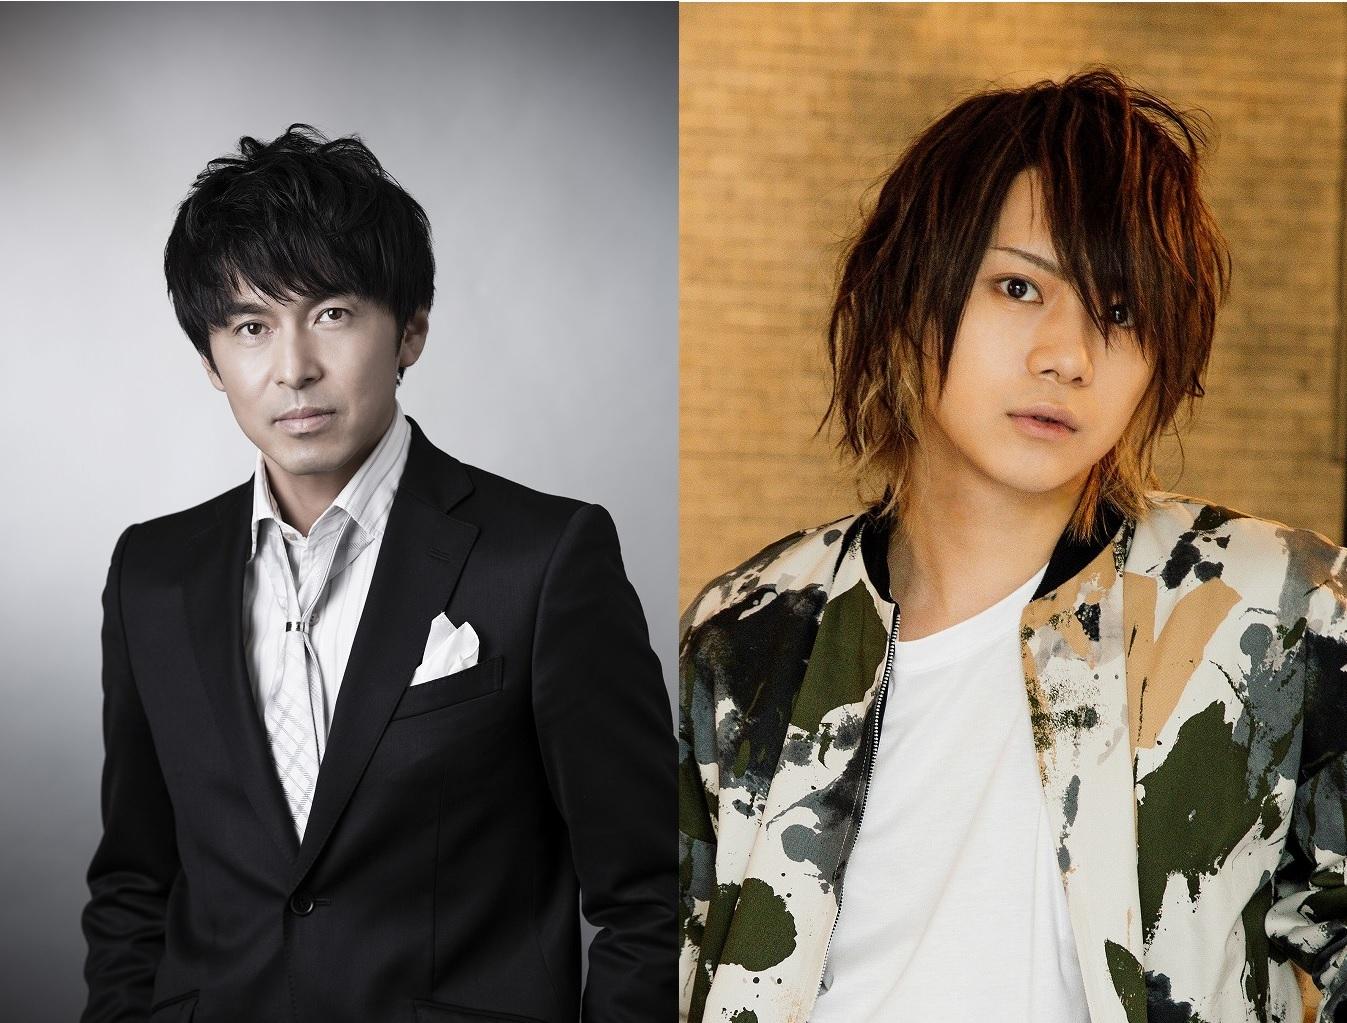 (左から)松田誠(ネルケプランニング)、佐藤流司